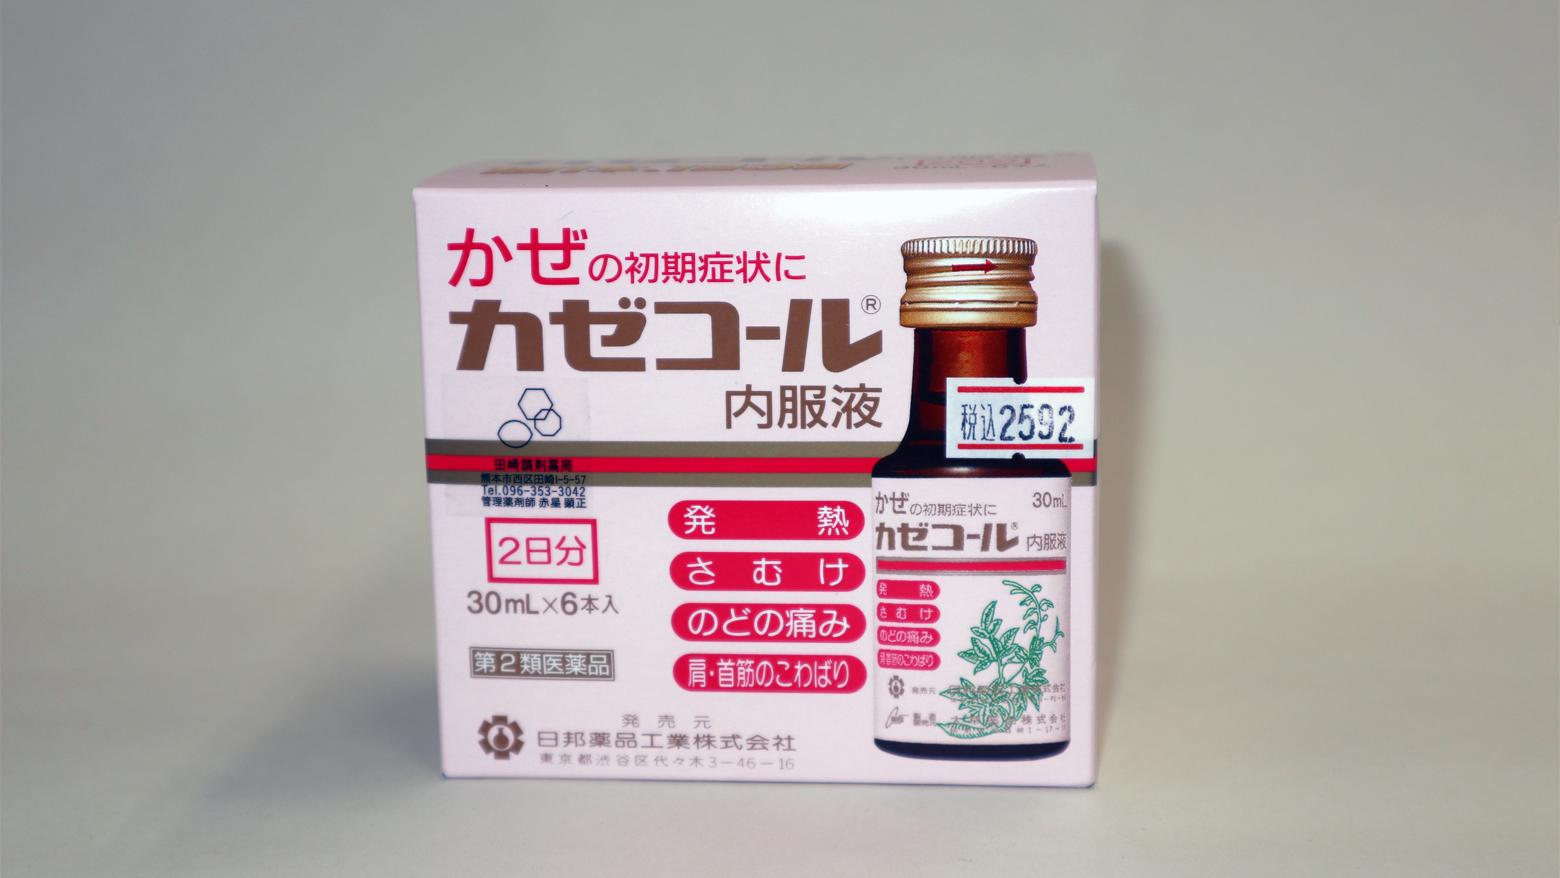 ホノピレチン | 感冒剤ホノミシリーズ | 田崎調剤薬局 | TASAKI PHARMACY